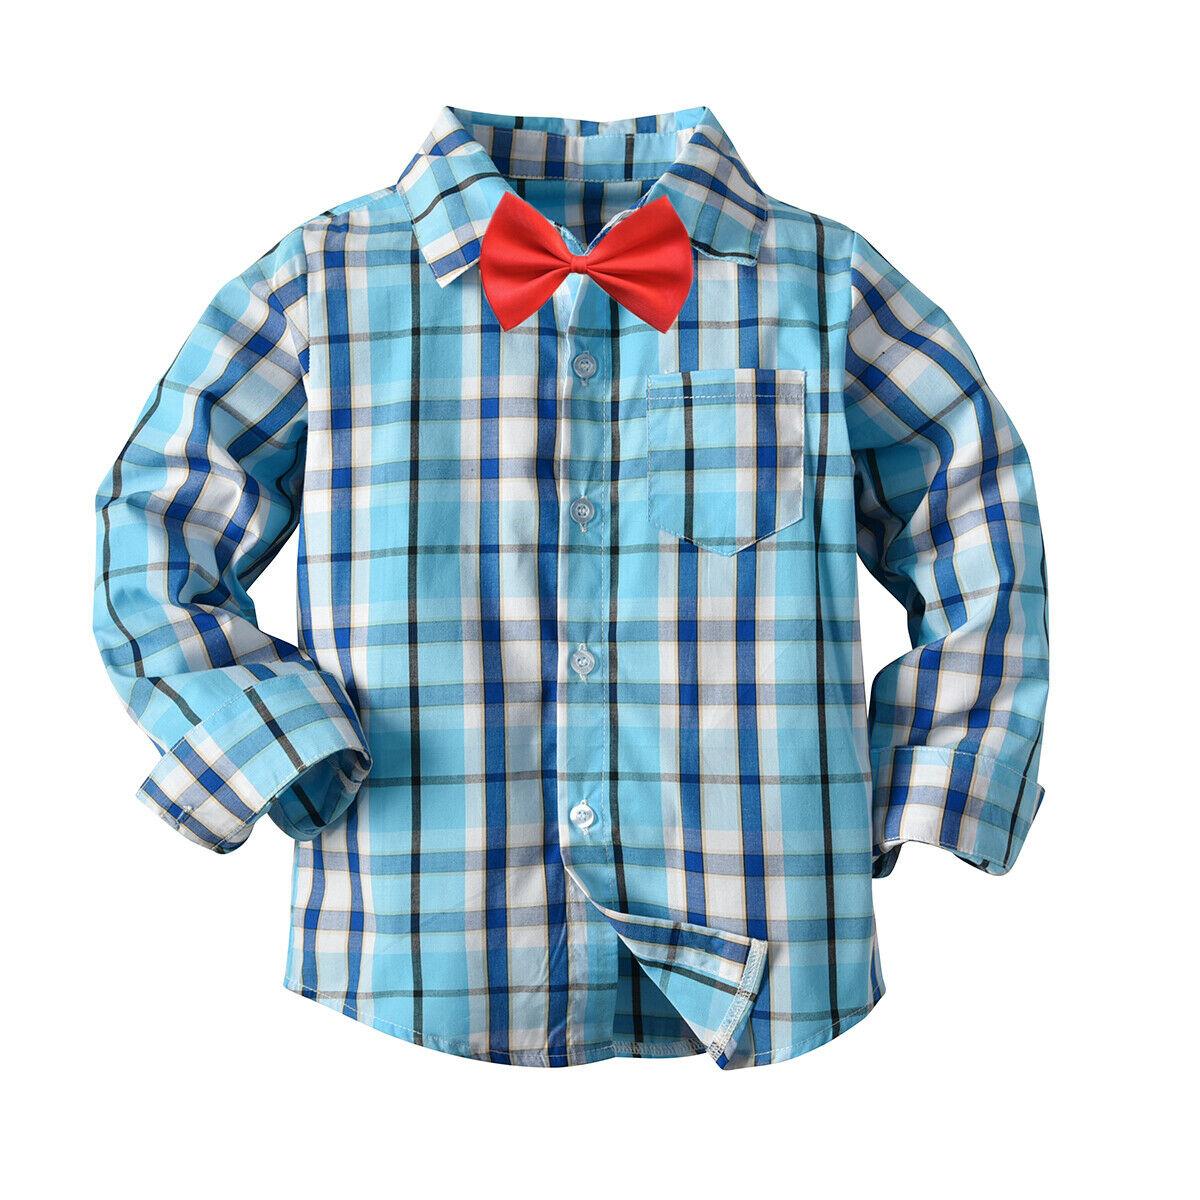 Emmaaby/Новинка года; классические рубашки в клетку с длинными рукавами и лацканами для мальчиков; сезон весна-осень топы с карманами; Повседневная рубашка для маленьких мальчиков детская одежда - Цвет: Синий